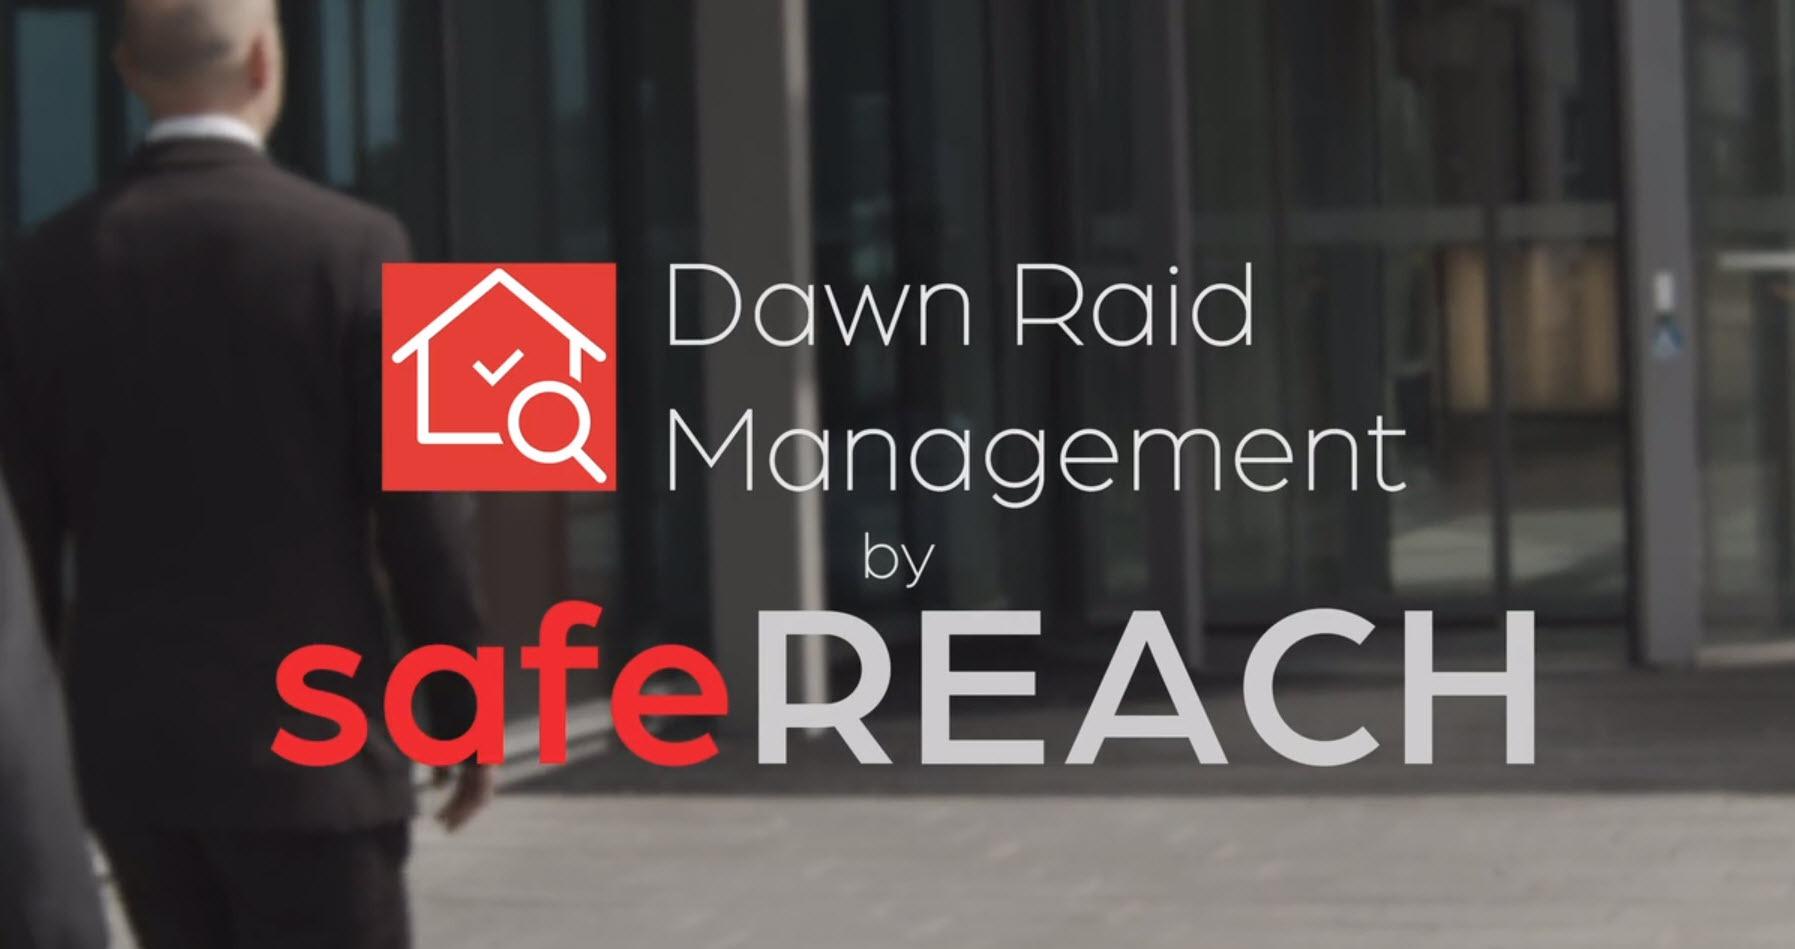 13 08 2019 15 03 29 - safeREACH nun auch mit Erweiterung für Hausdurchsuchungen